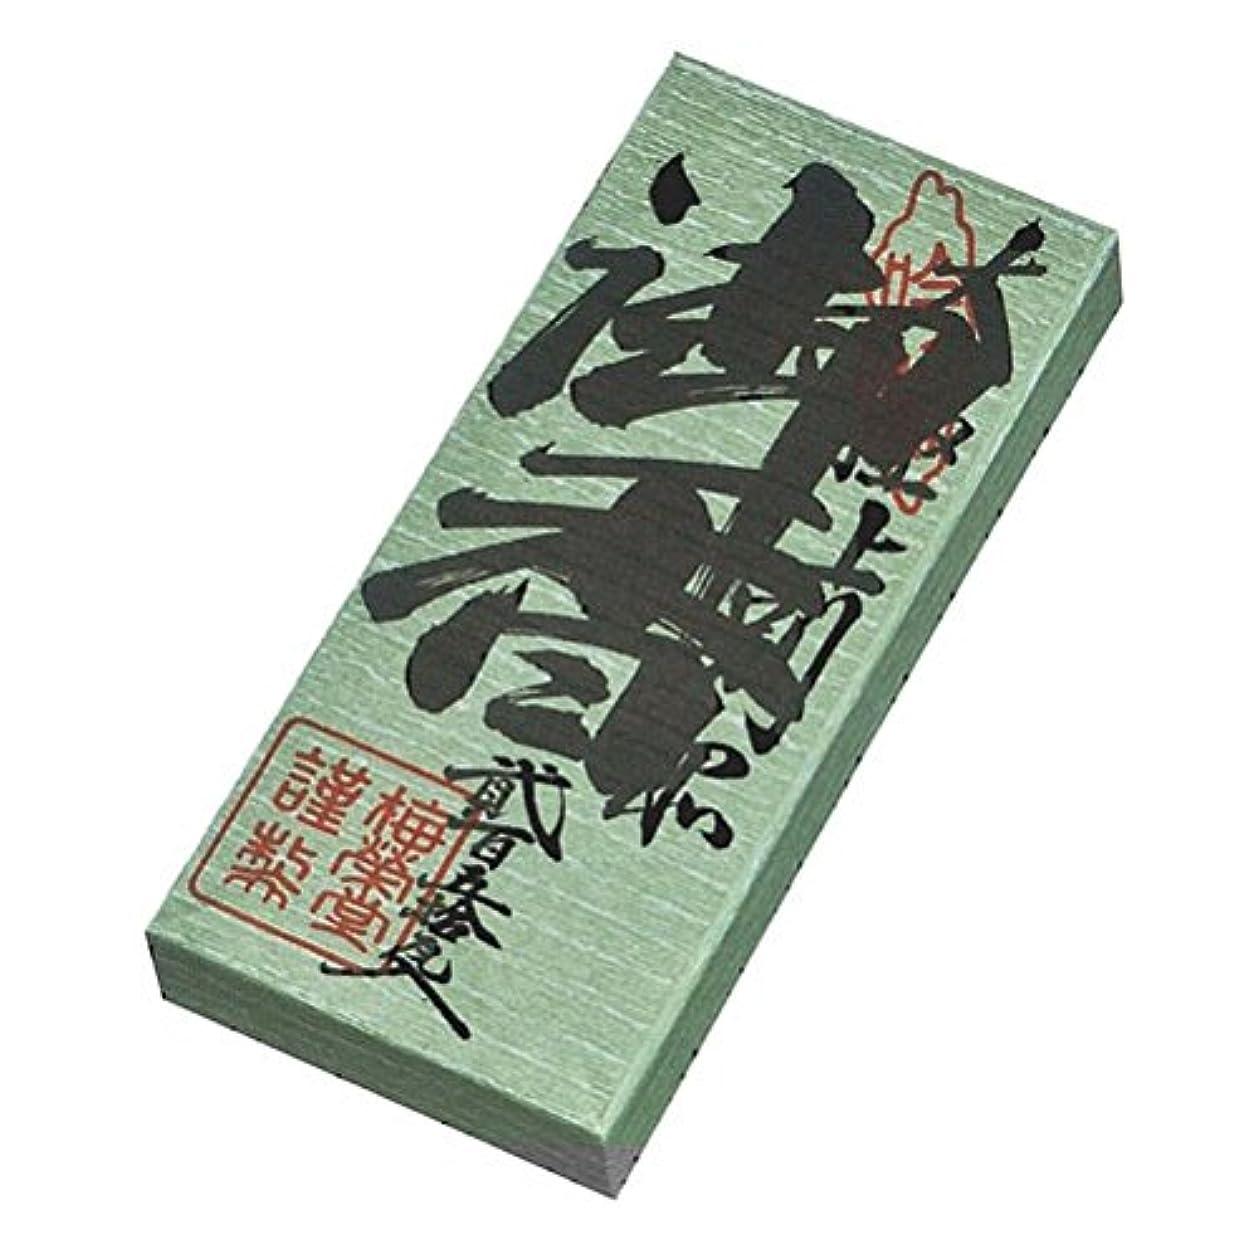 タイル実際にぎやか蘭麝印 125g 紙箱入り お焼香 梅栄堂